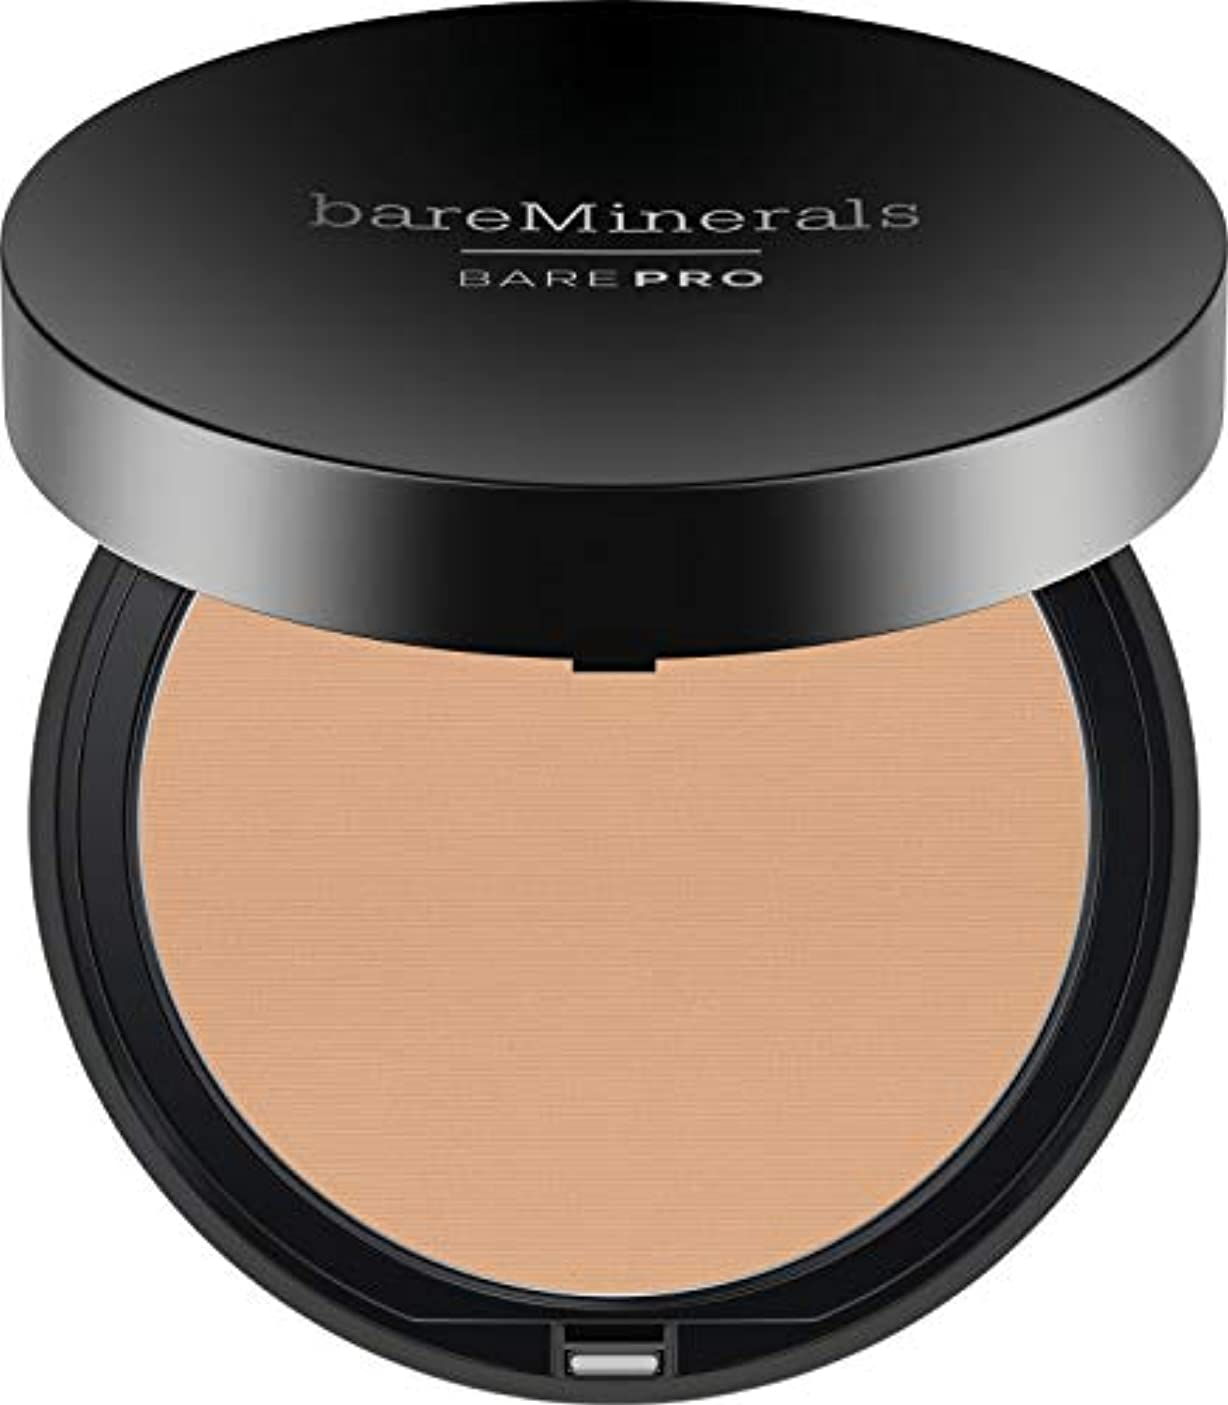 宿泊施設ロマンチックギャンブルベアミネラル BarePro Performance Wear Powder Foundation - # 12 Warm Natural 10g/0.34oz並行輸入品